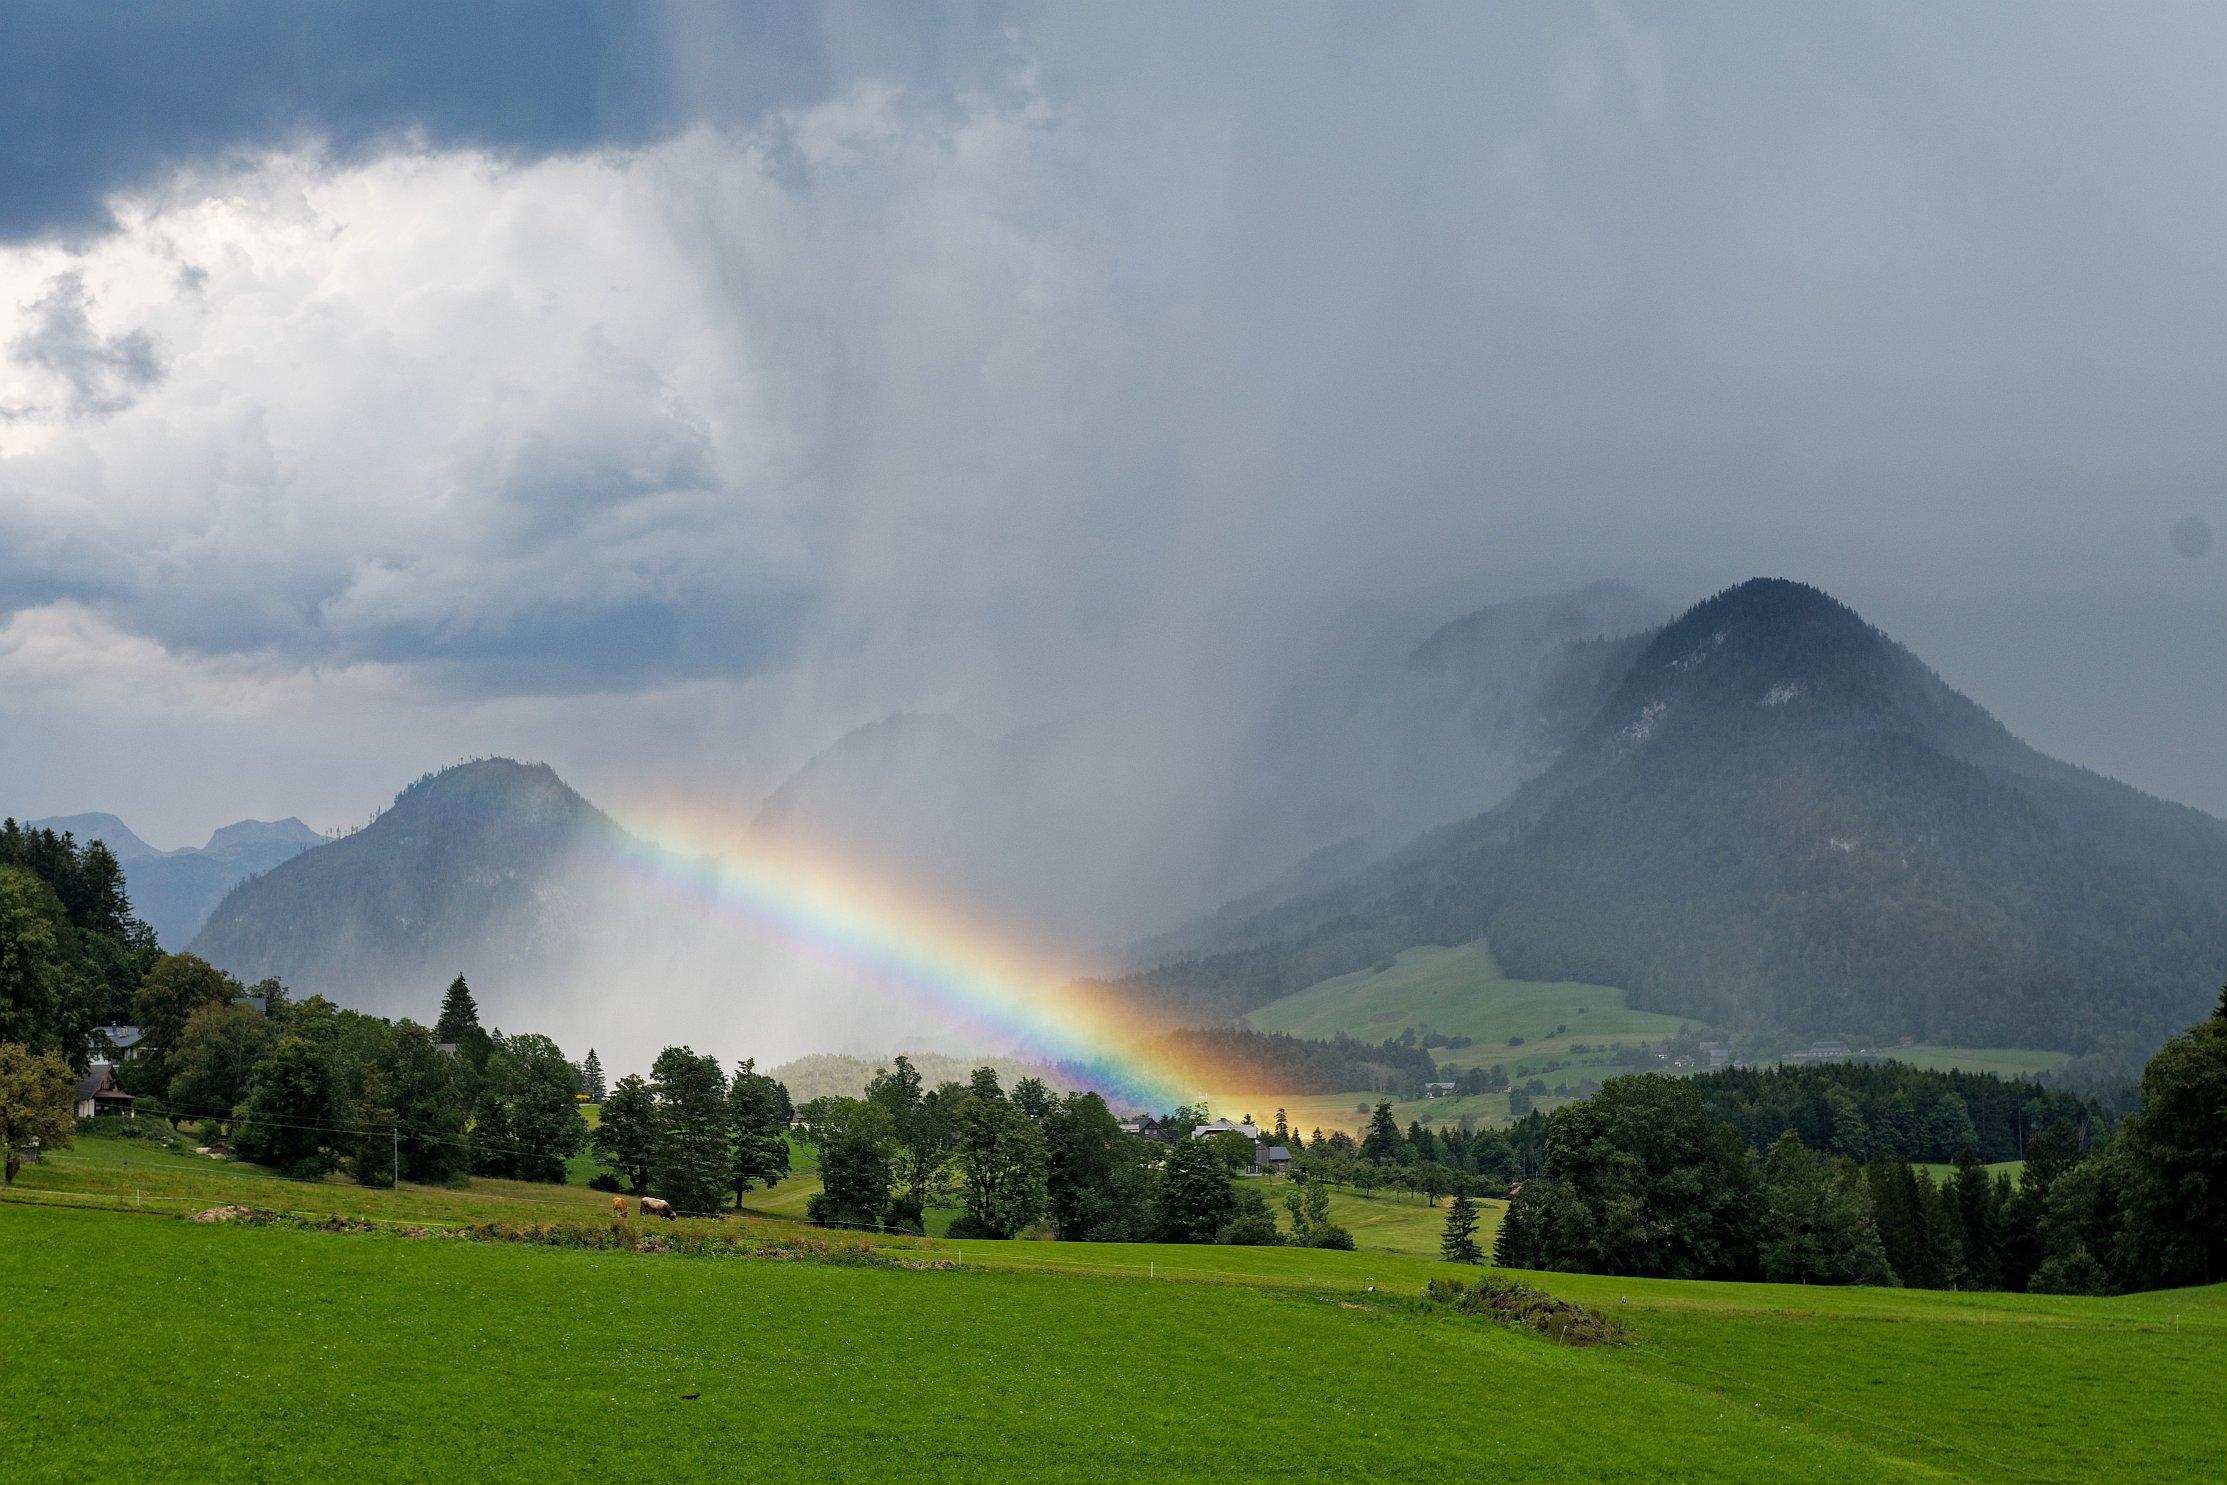 wolkenbruch-wasserwand mit regenbogen 2020-08-28